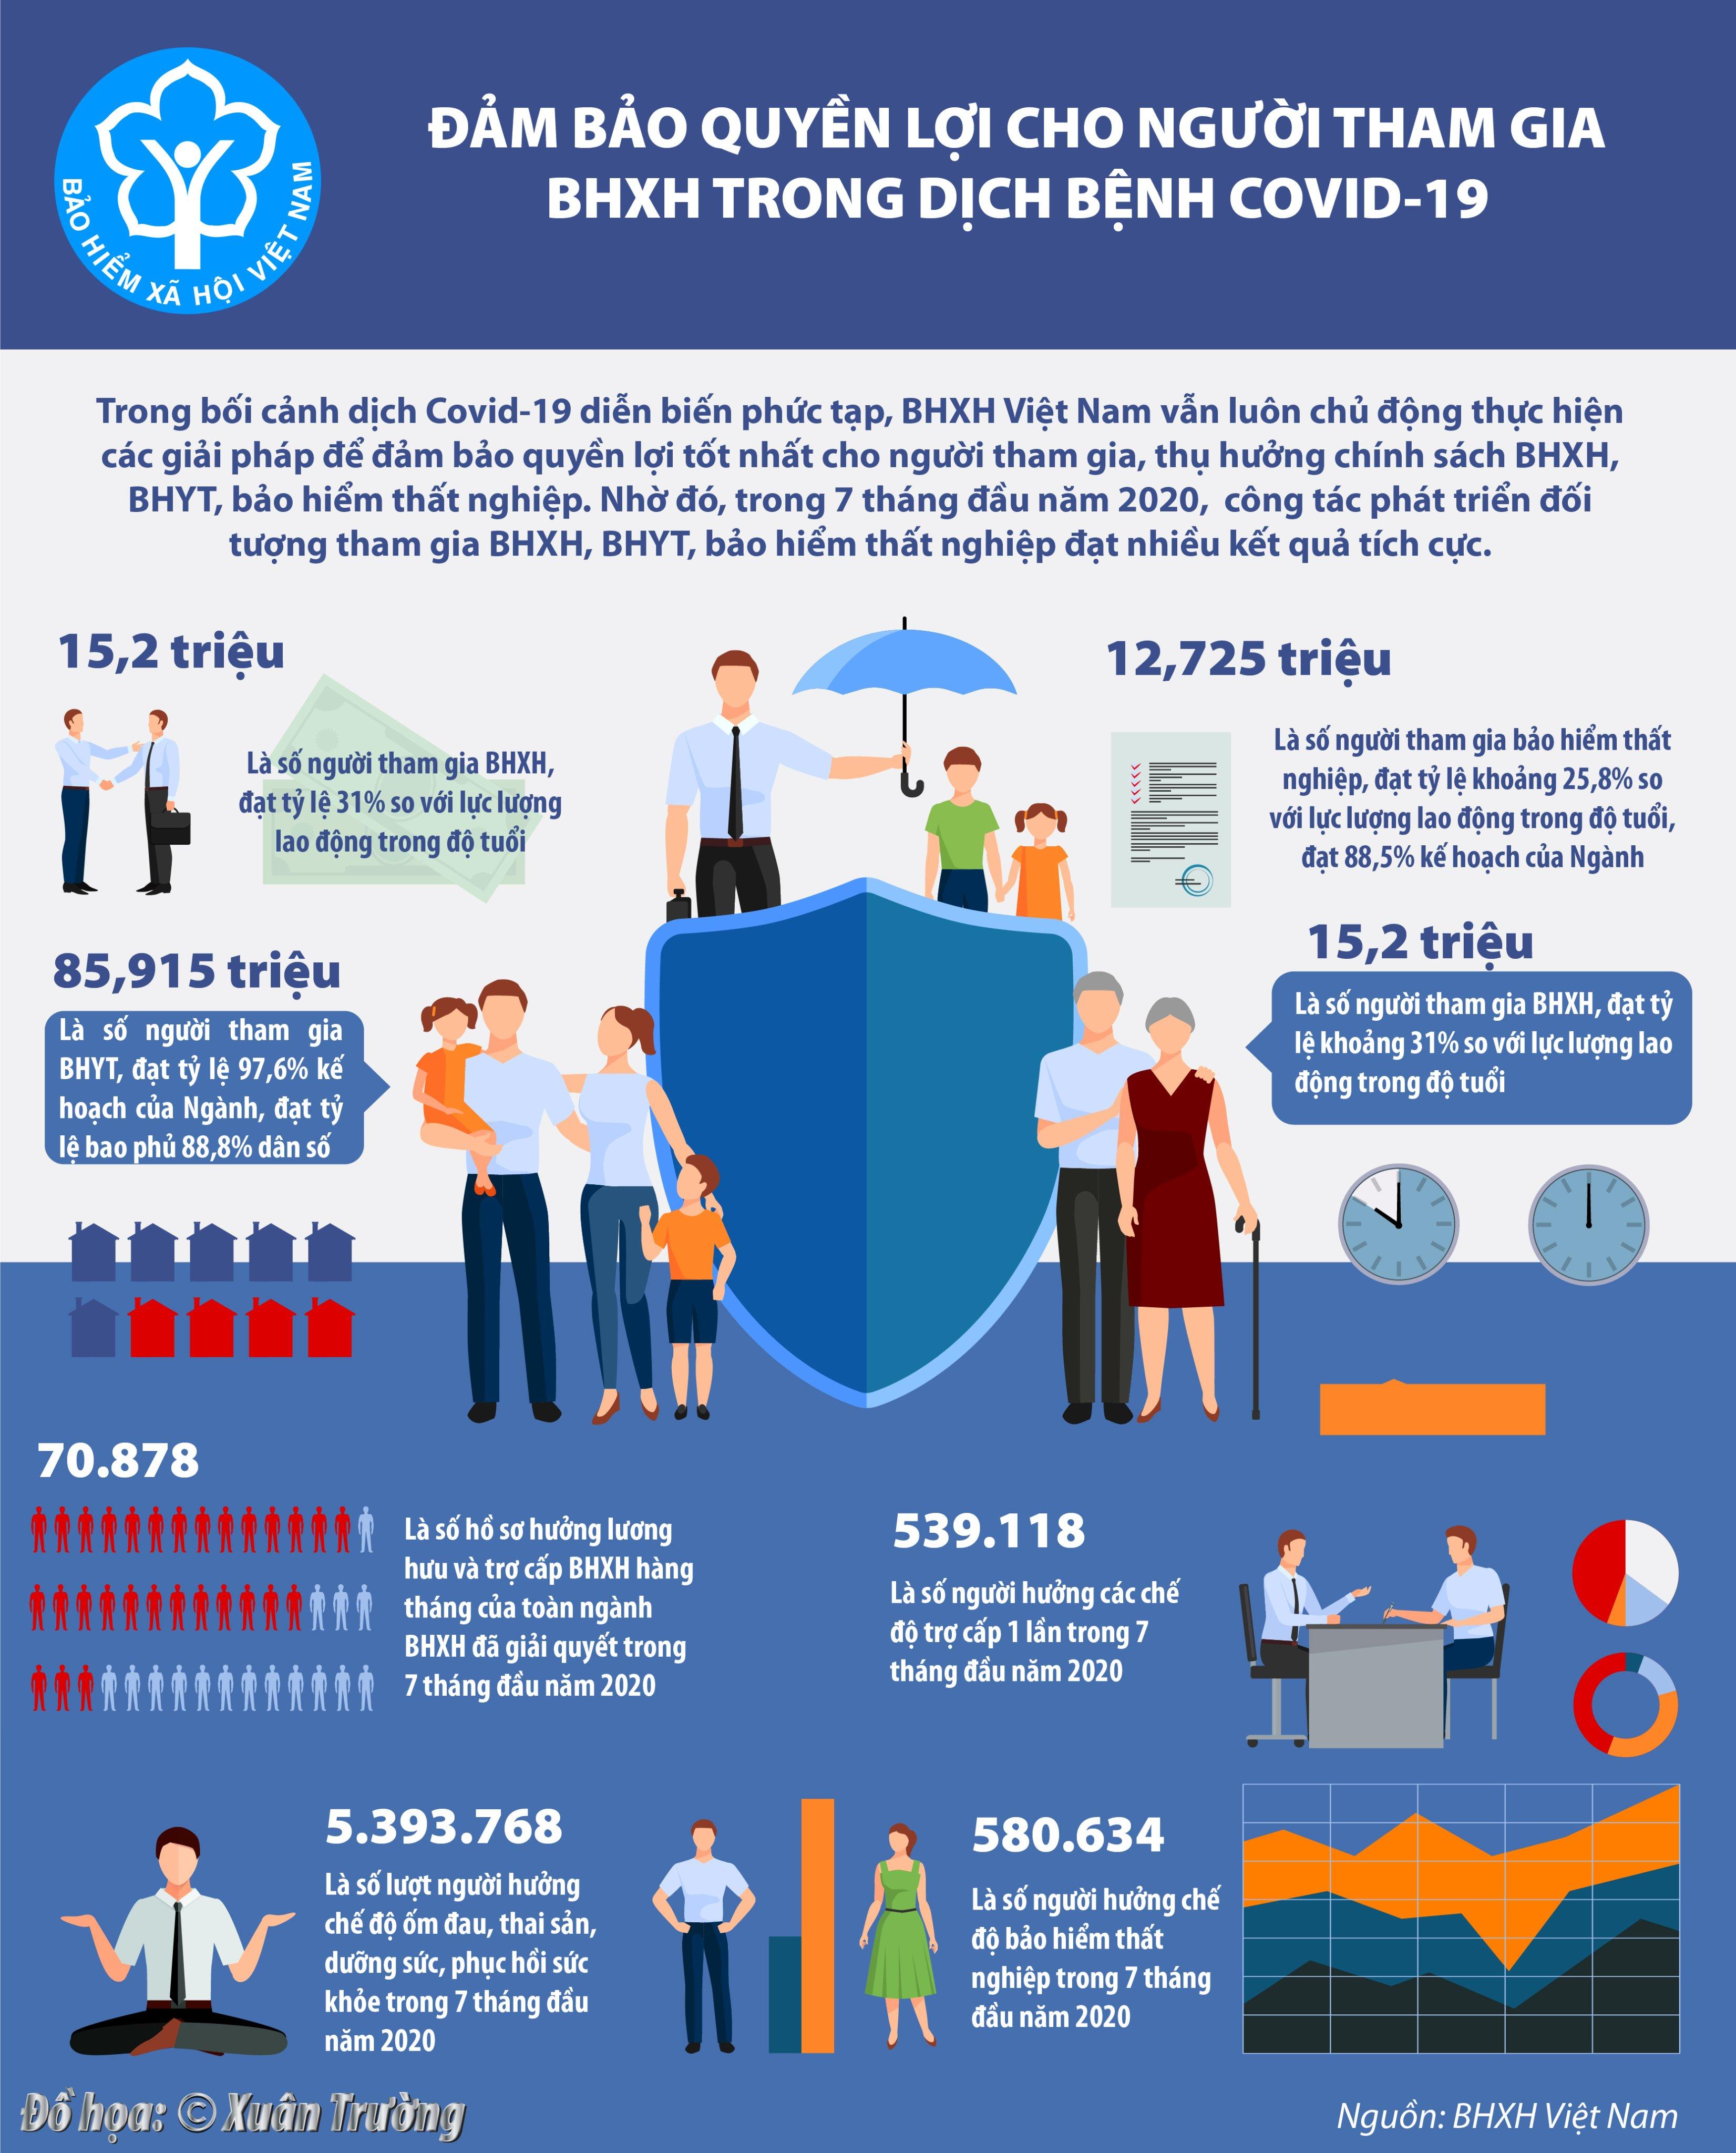 [Infographics] Đảm bảo quyền lợi cho người tham gia BHXH trong dịch bệnh Covid-19 - Ảnh 1